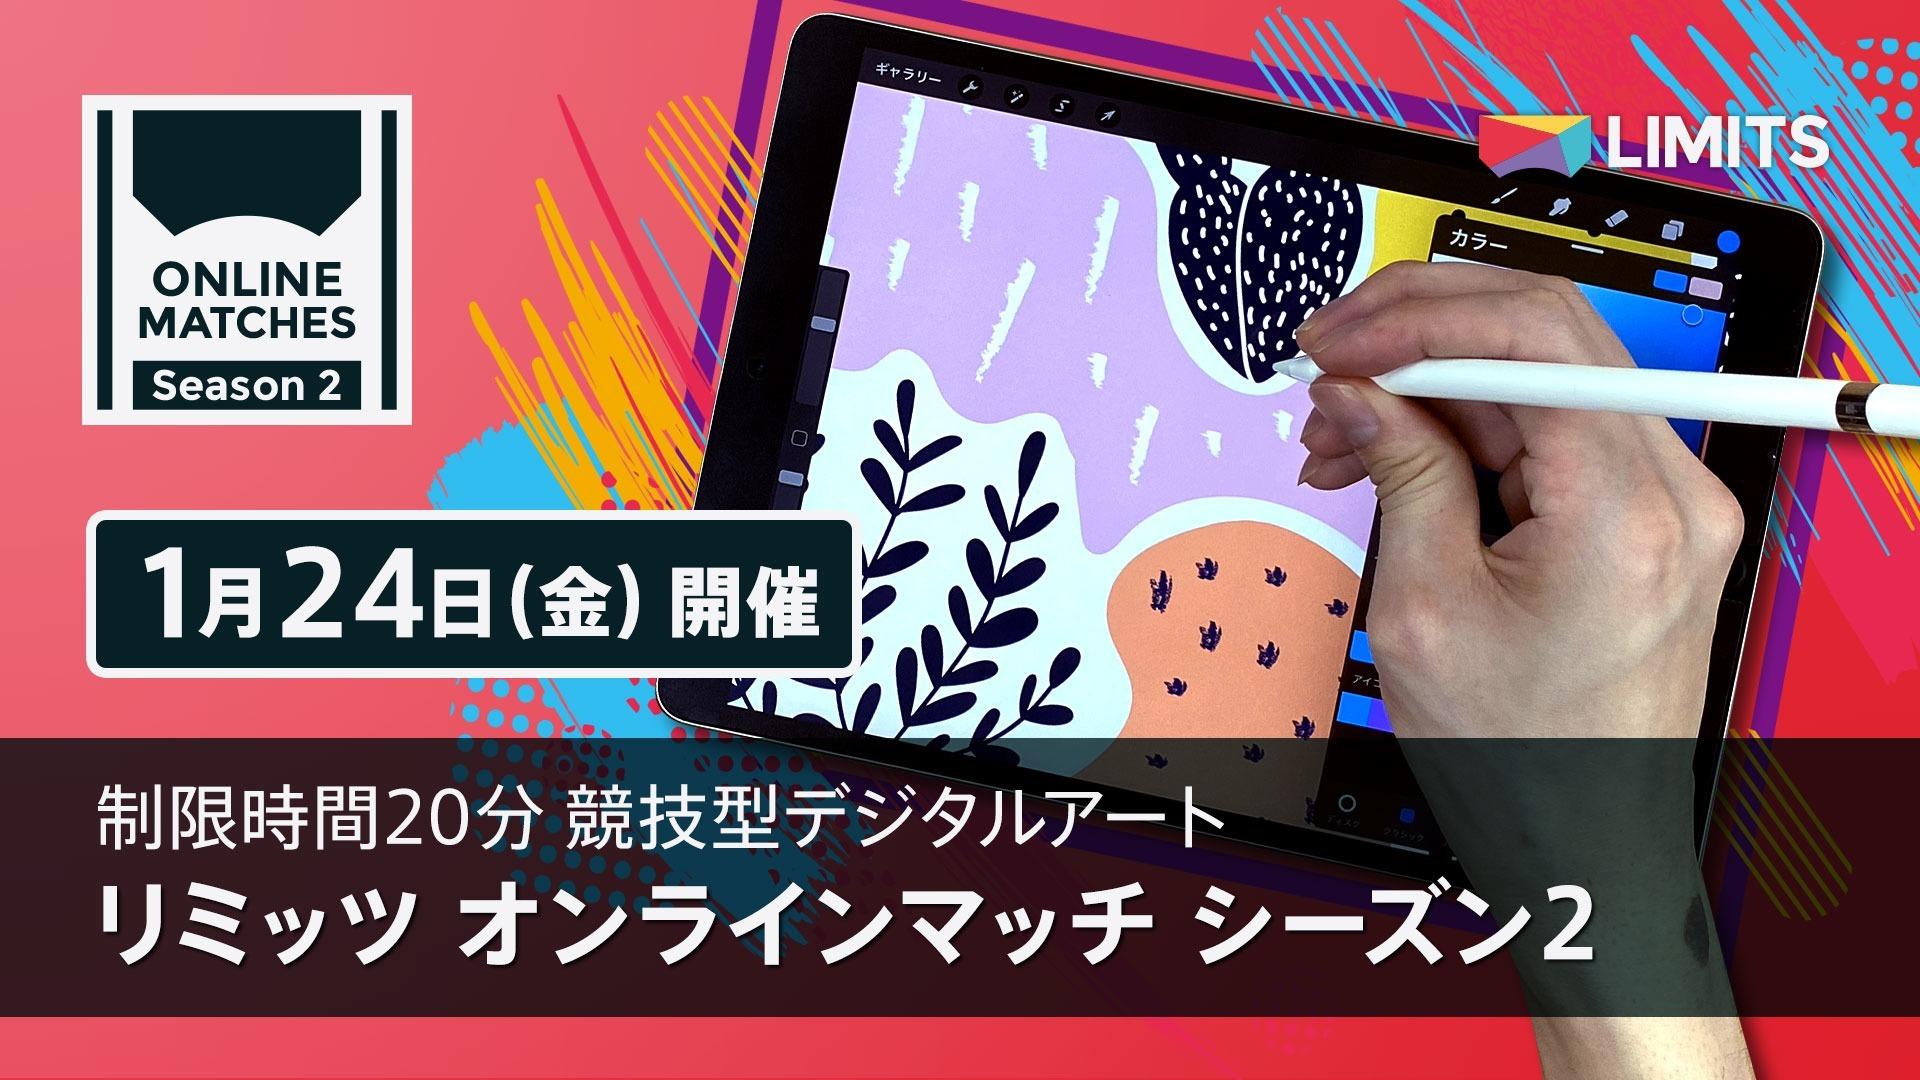 リミッツ オンラインマッチ シーズン2【1月24日】